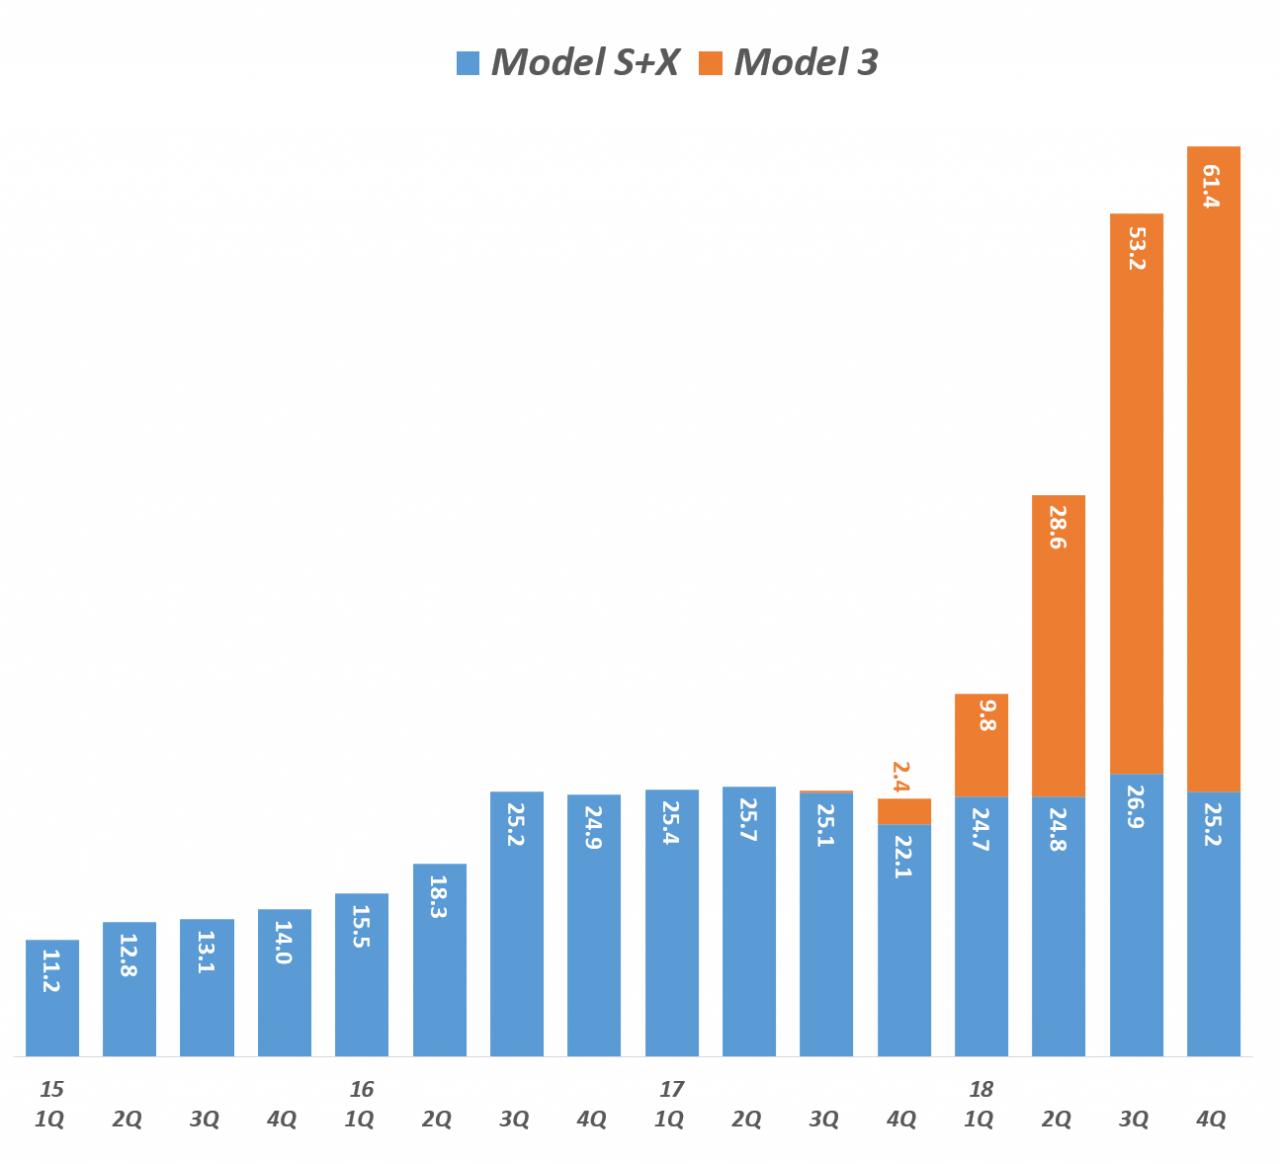 테슬라 분기별 모델별 출하량 추이, Tesla Delivery per model, graph by Happist